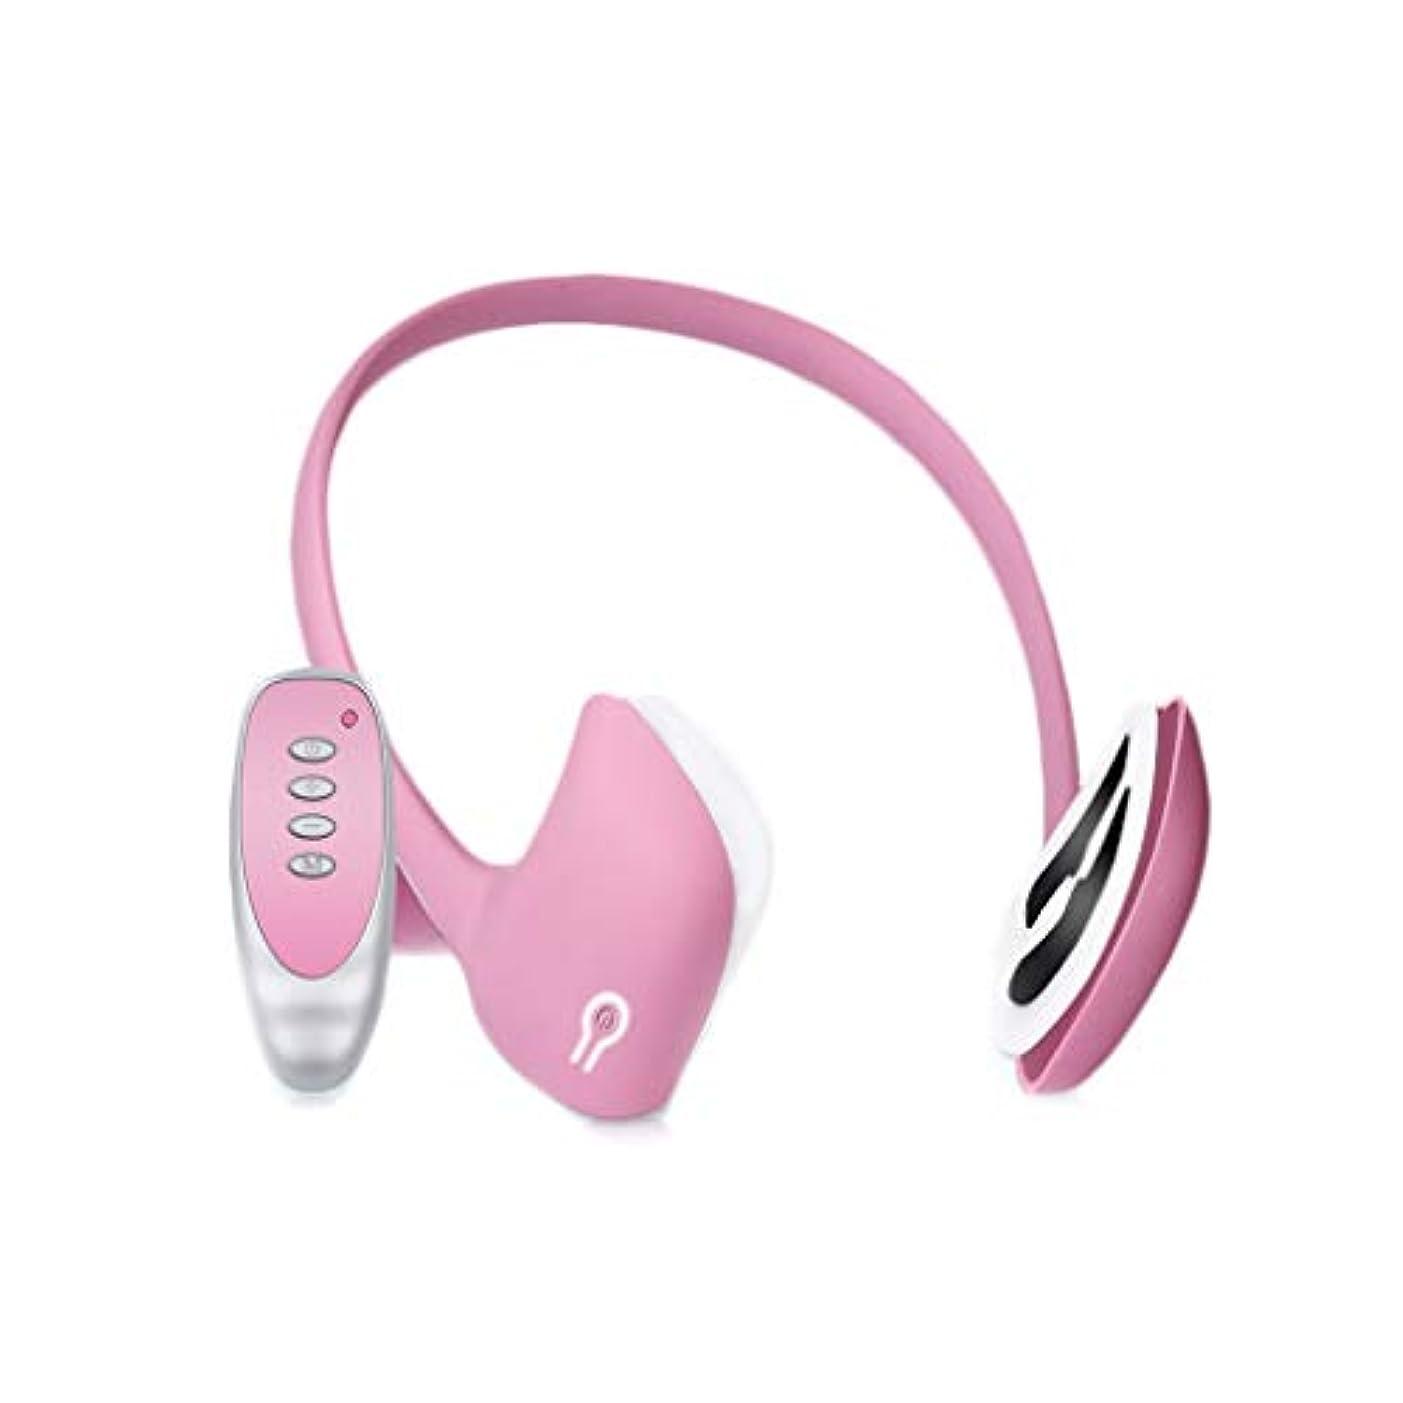 失業者明日骨髄XHLMRMJ フェイスリフティング器具、電動ツールマッサージャー、頬骨の薄い顔の引き締めの改善、フェイスブレース、多機能リフティング、男性と女性の両方に適しています (Color : Pink)